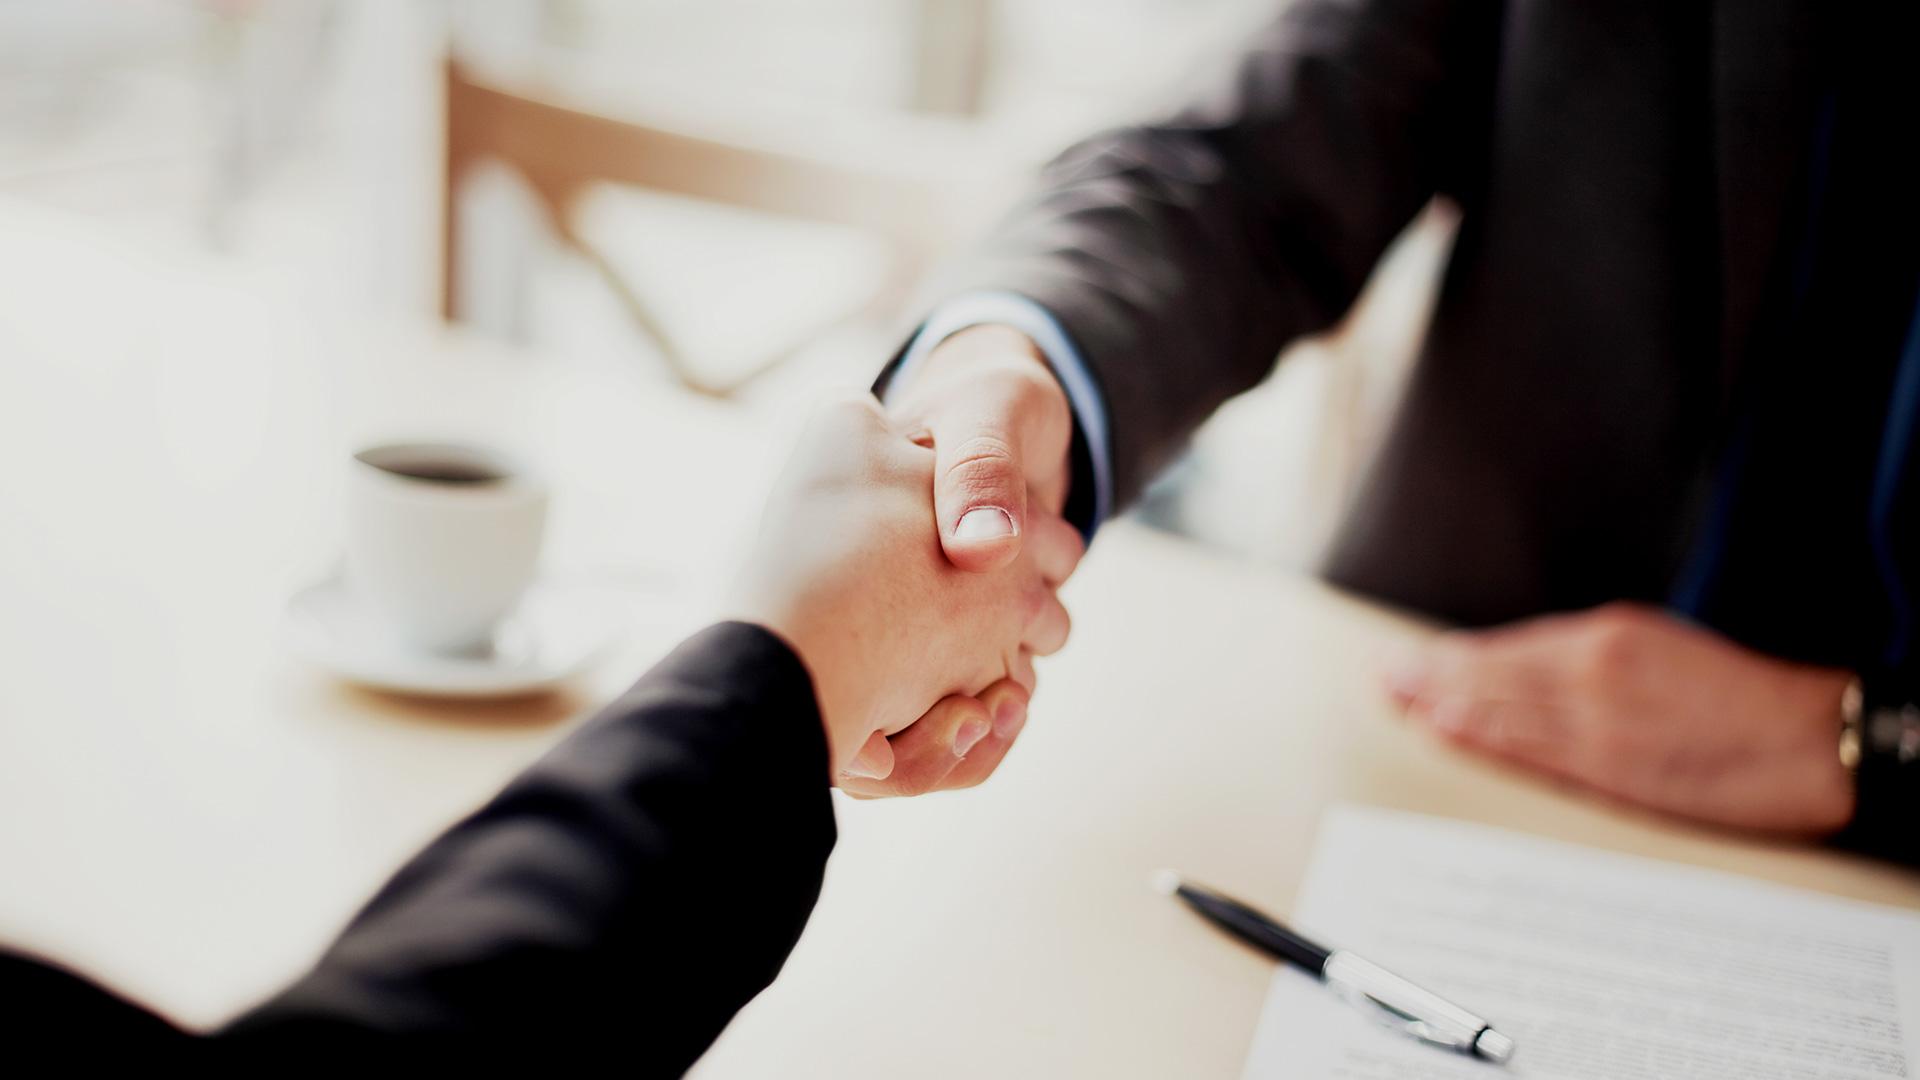 handshake-partner-deal-agreement-ss-1920